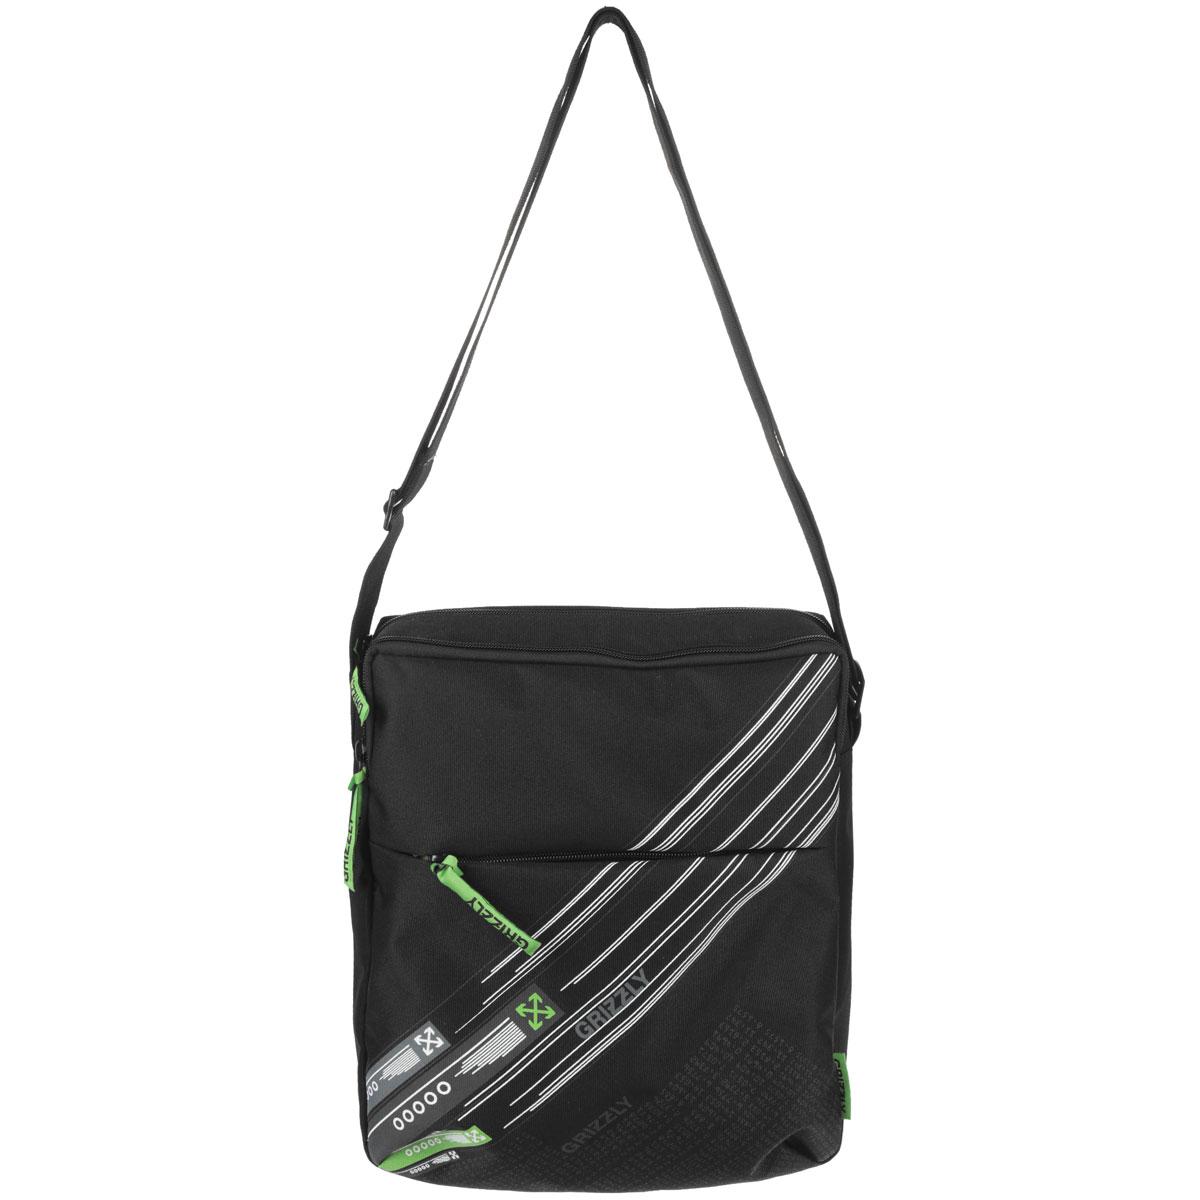 Grizzly Сумка школьная цвет черный салатовыйММ 502-3/1Молодежная сумка с одним отделением, с плоским карманом на передней и задней стенке, внутренним карманом для документов , с регулируемым плечевым ремнем